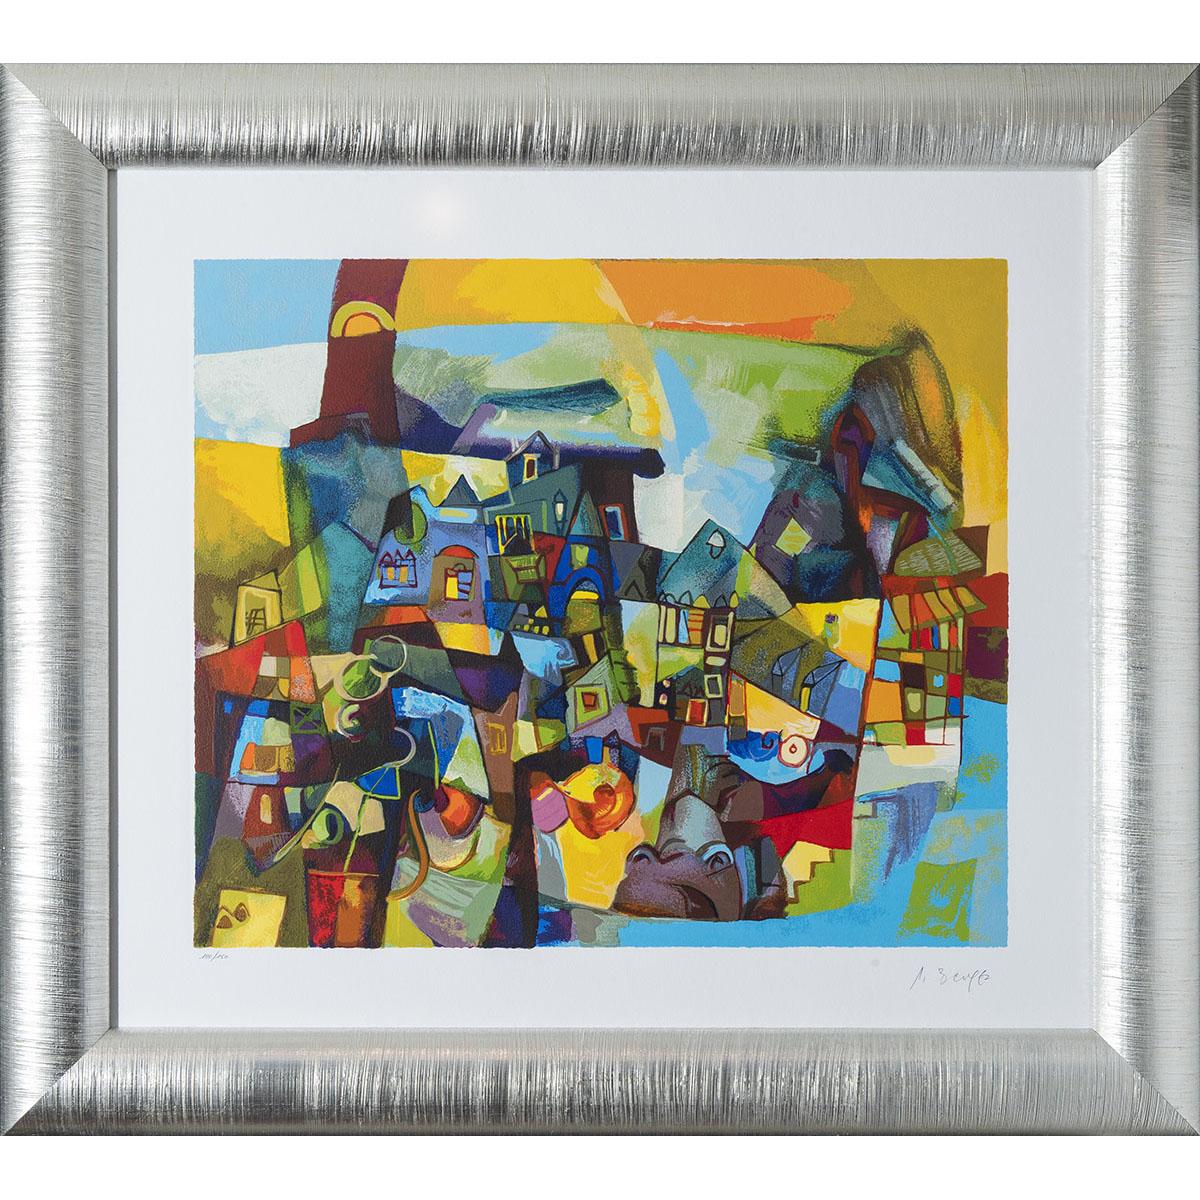 Miljenko Bengez - All'ombra - Serigrafia 96x86cm